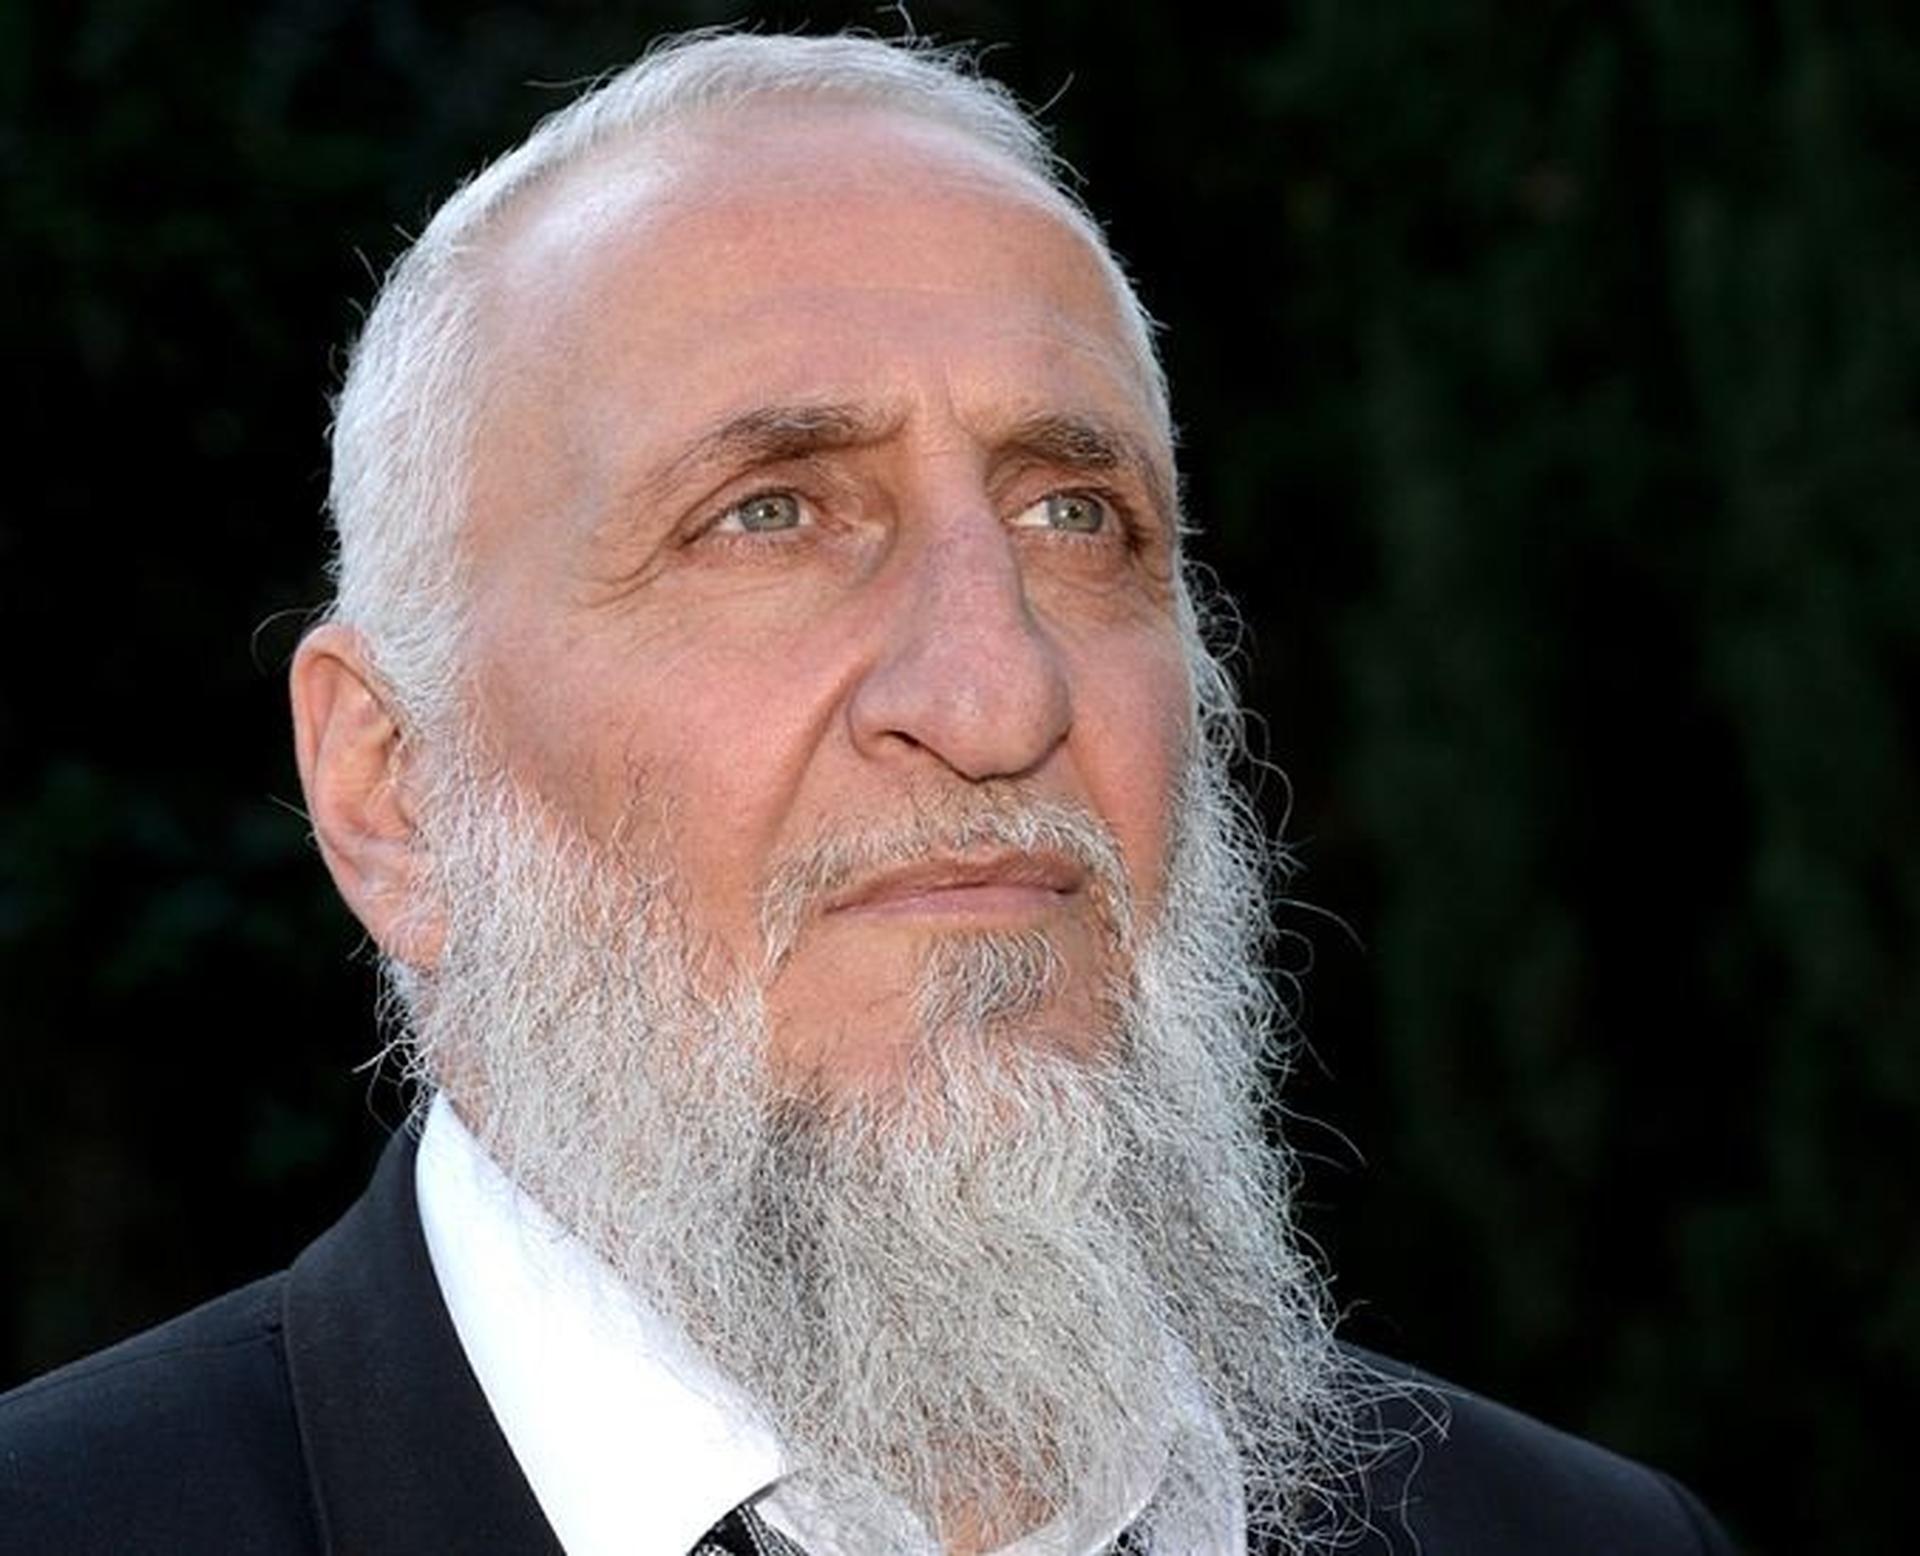 הרב אריה כהן. צילום: קובי קואנקס